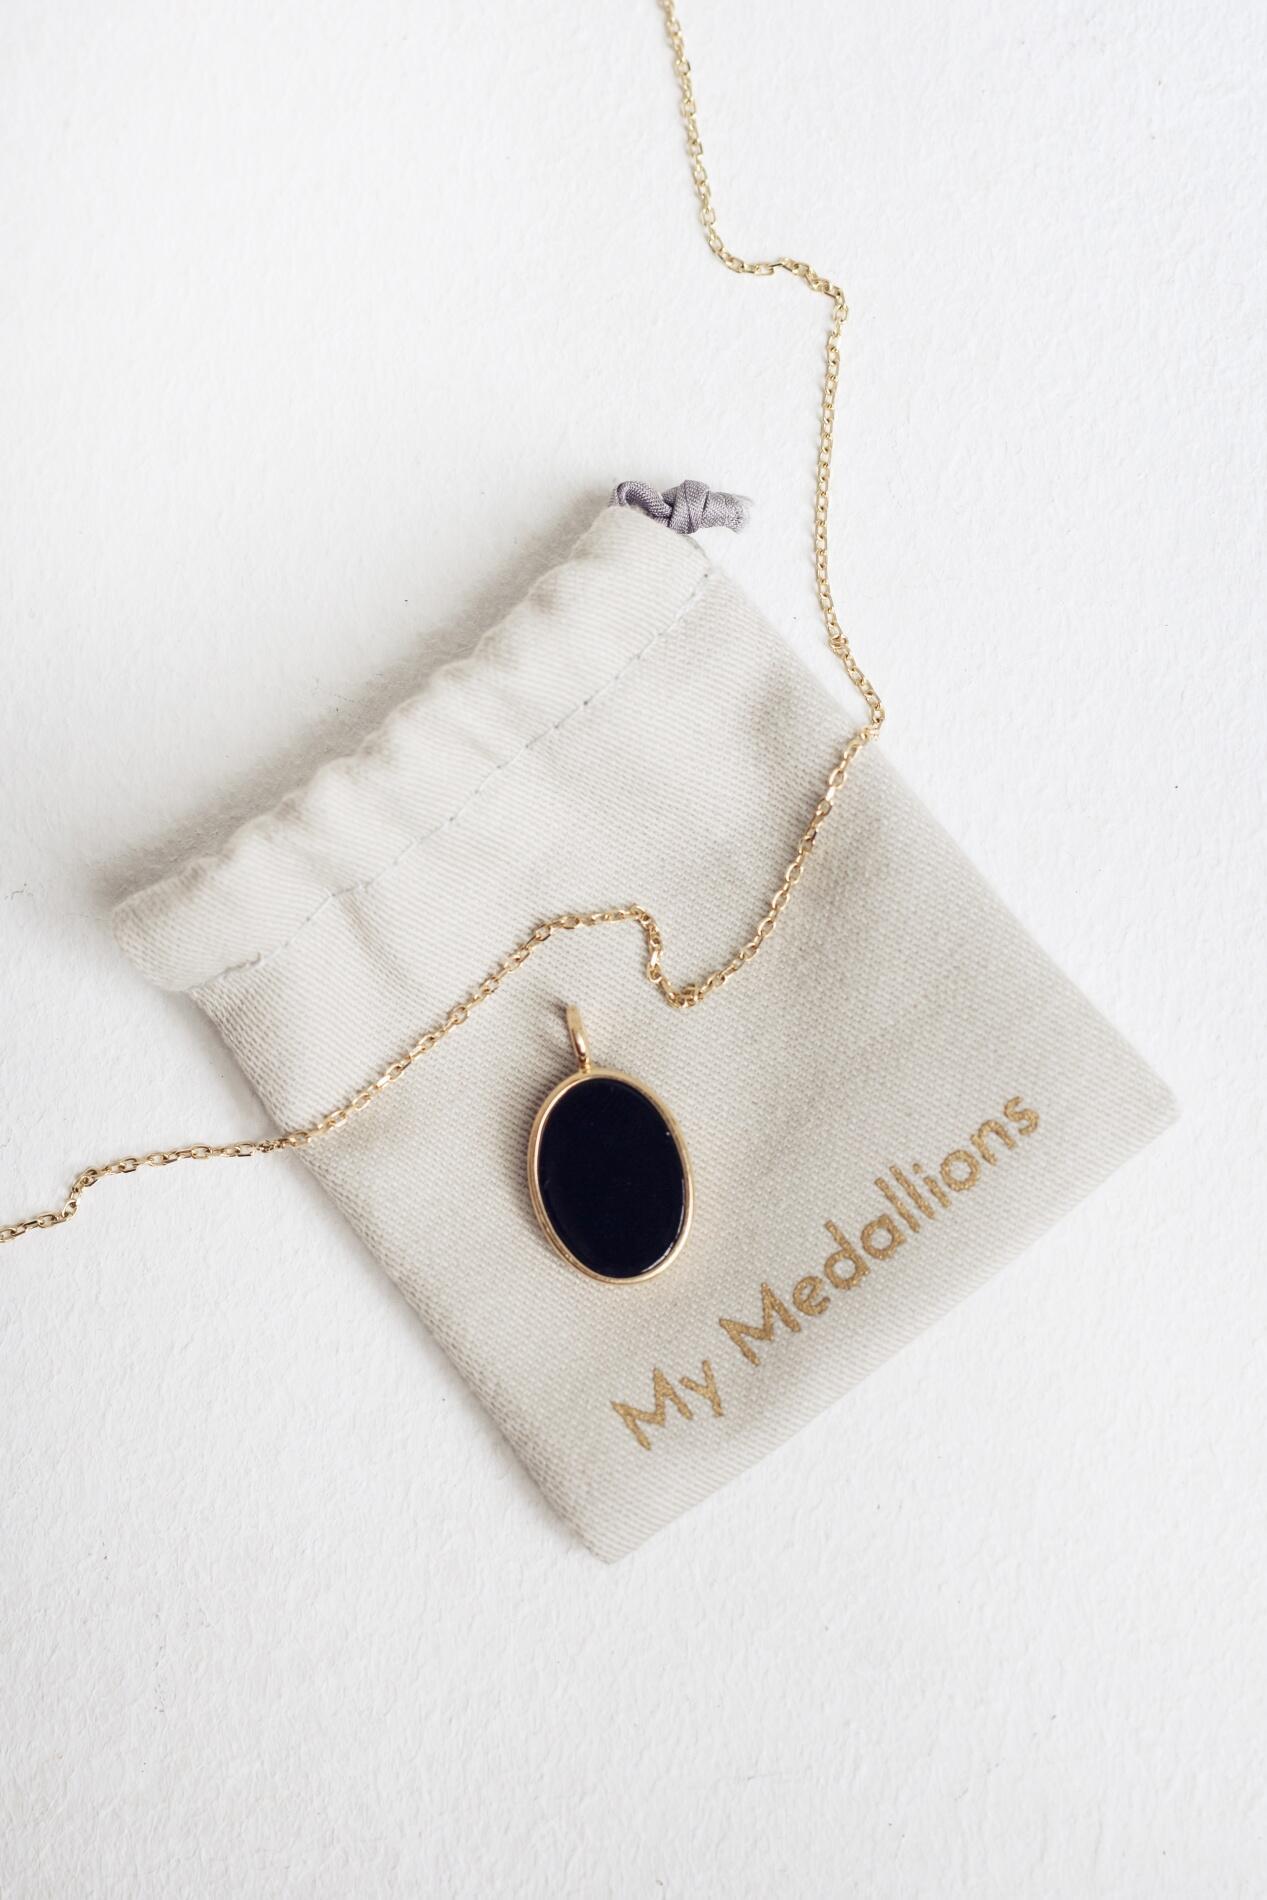 My Medallions Oval Onyks - Yoga Retreatment | JestemSlow.pl